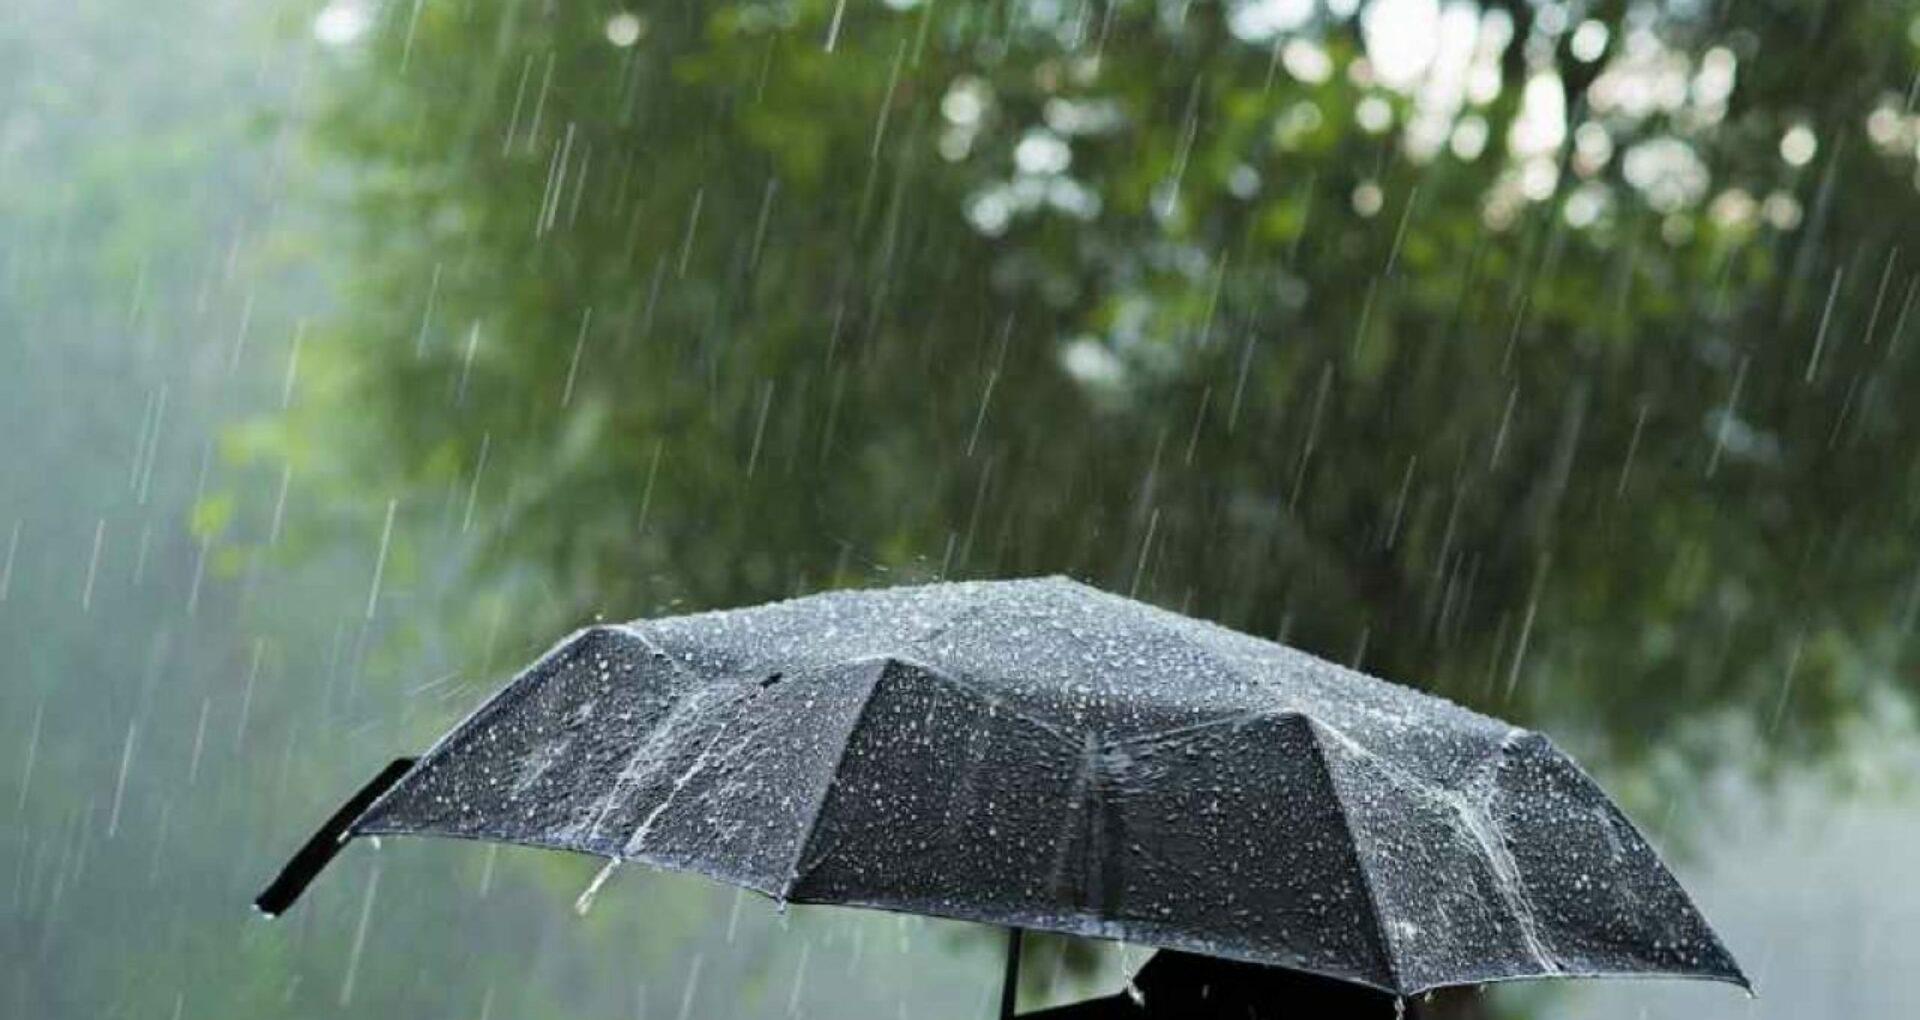 Cod galben de instabilitate atmosferică: Ploi puternice și vijelie. Câte grade vor arăta termometrele